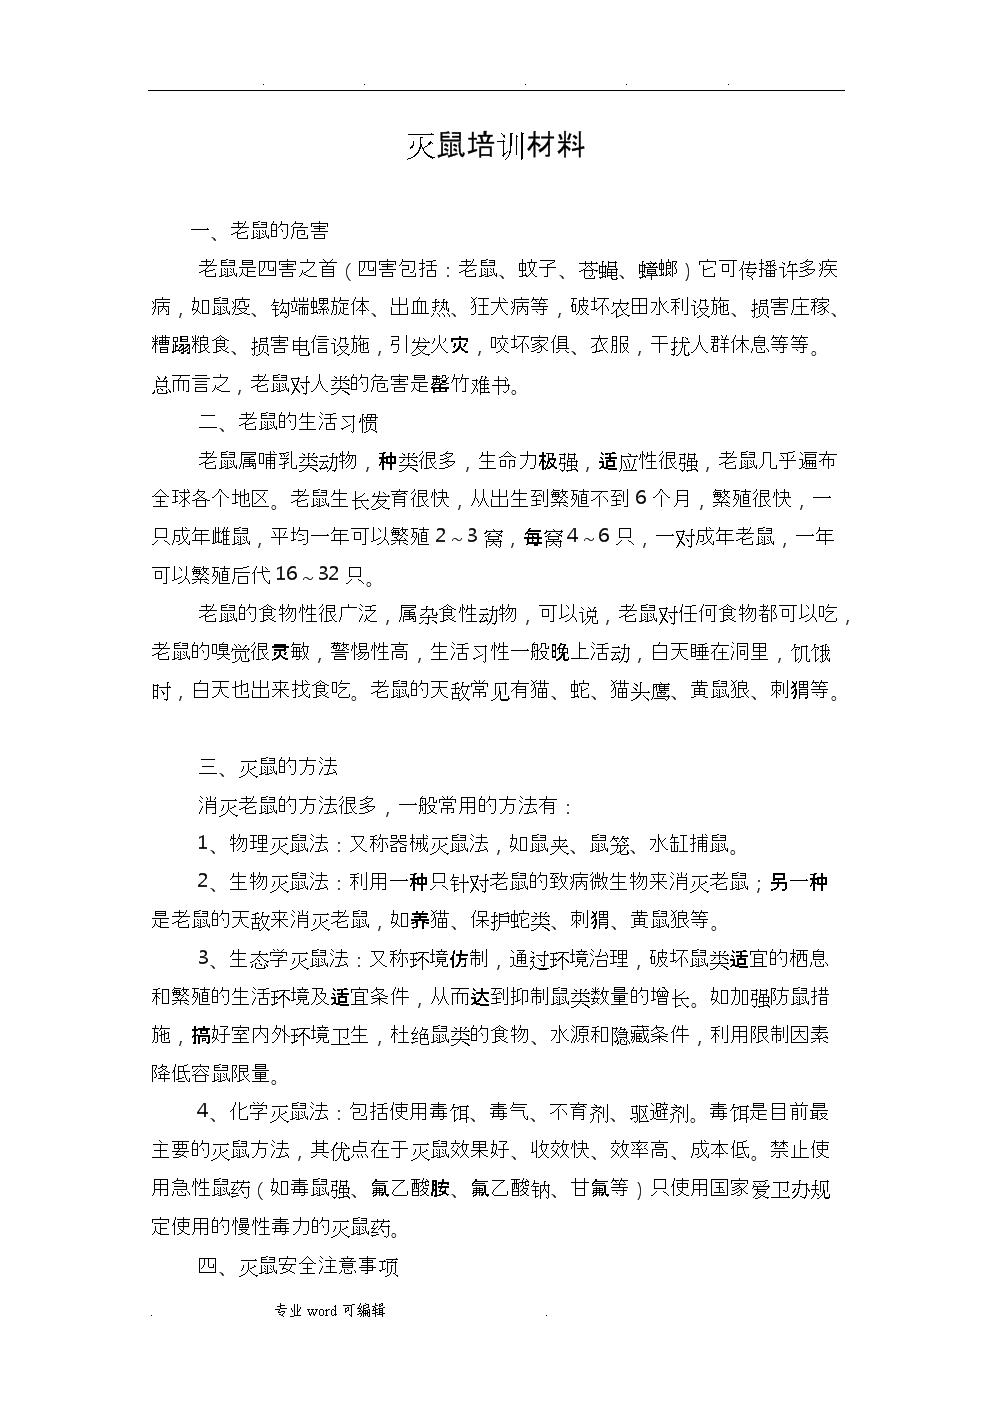 灭鼠培训汇报材料.doc